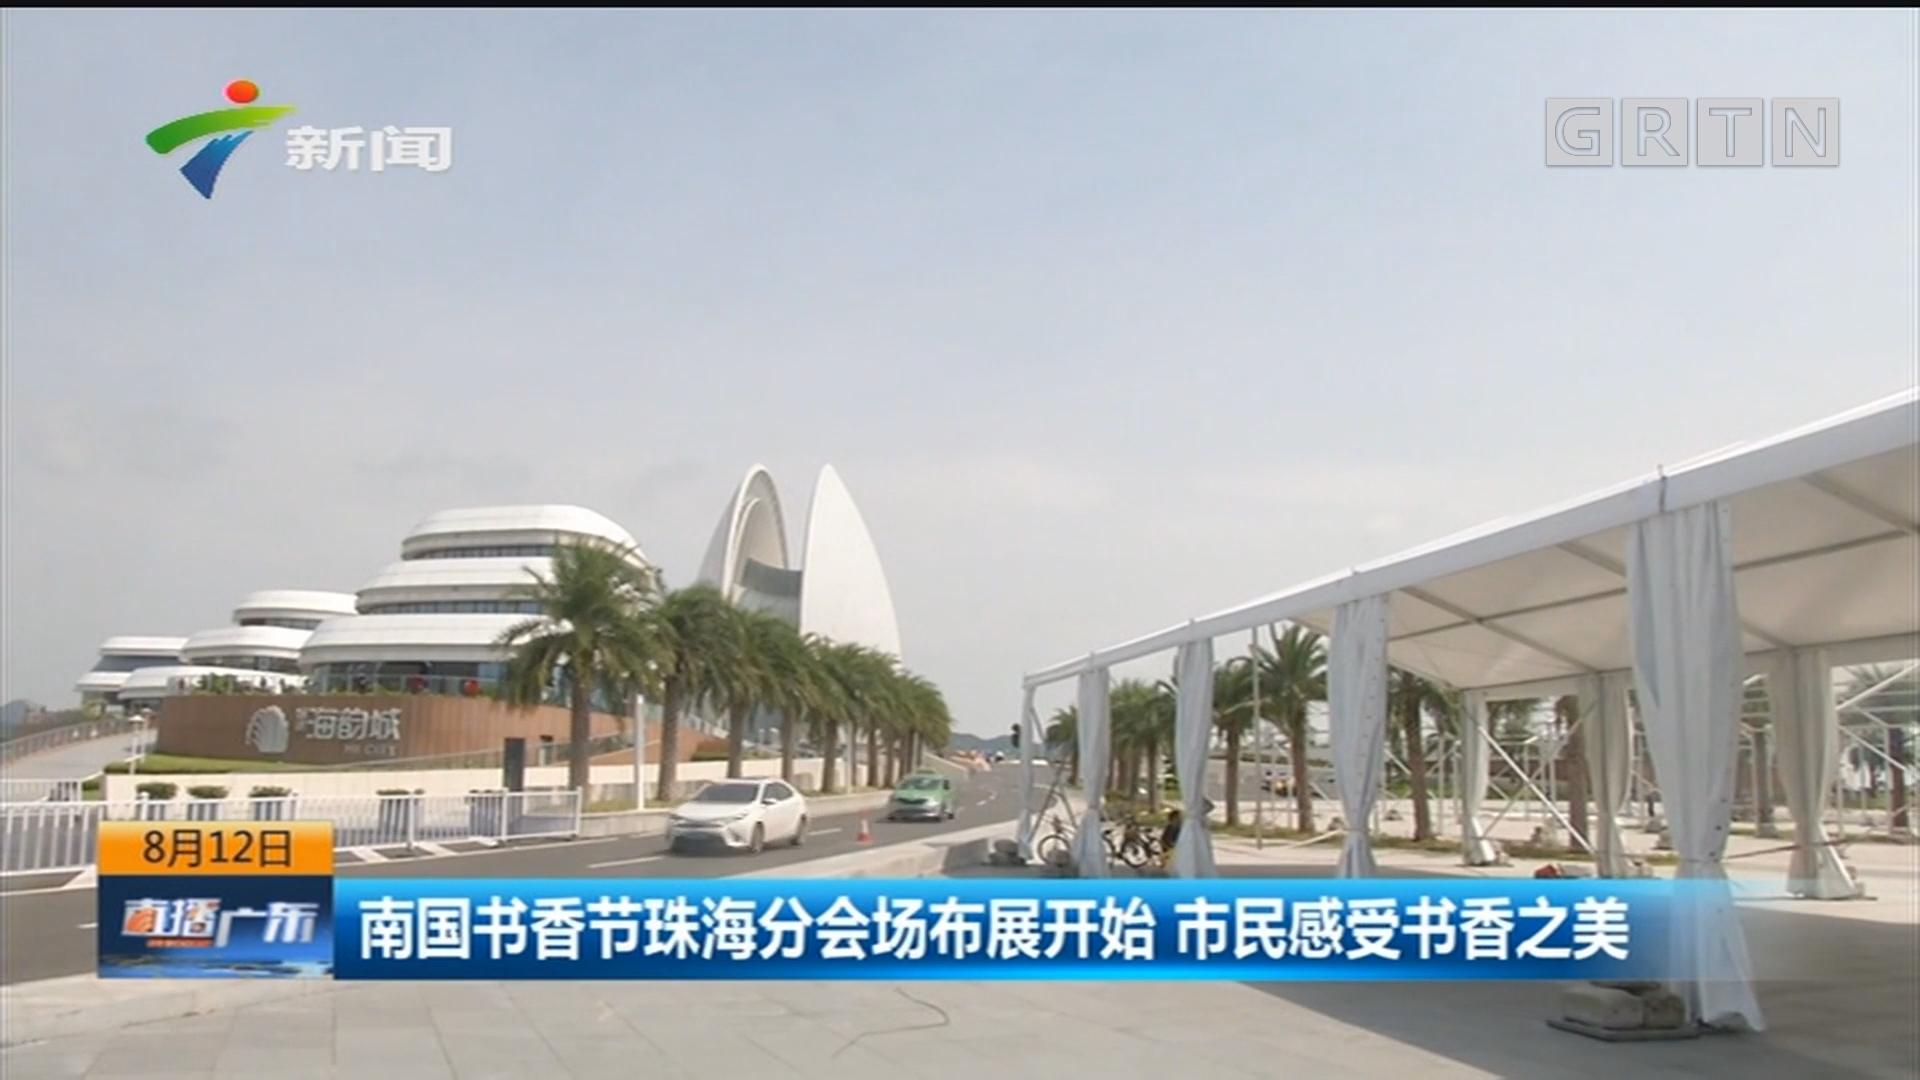 南国书香节珠海分会场布展开始 市民感受书香之美